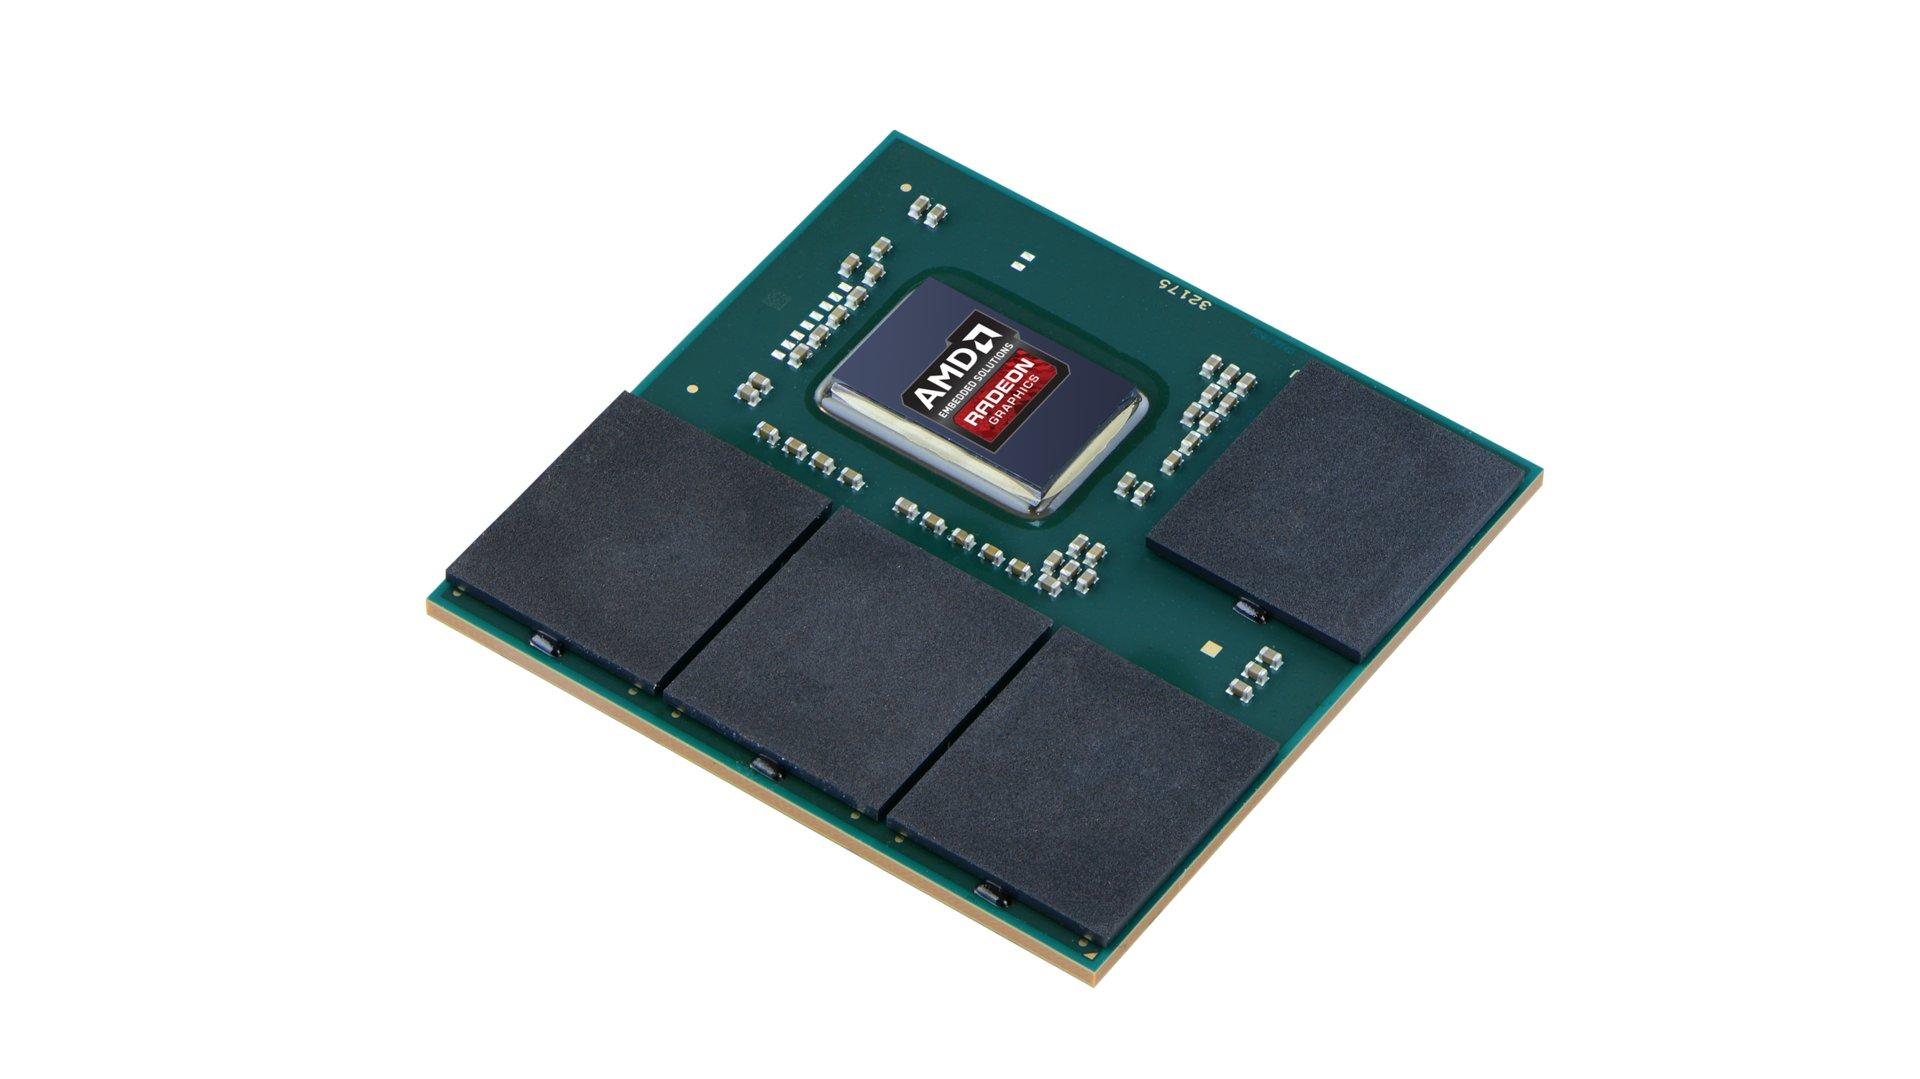 AMD Radeon E9171 auf einem Multi-Chip-Modul